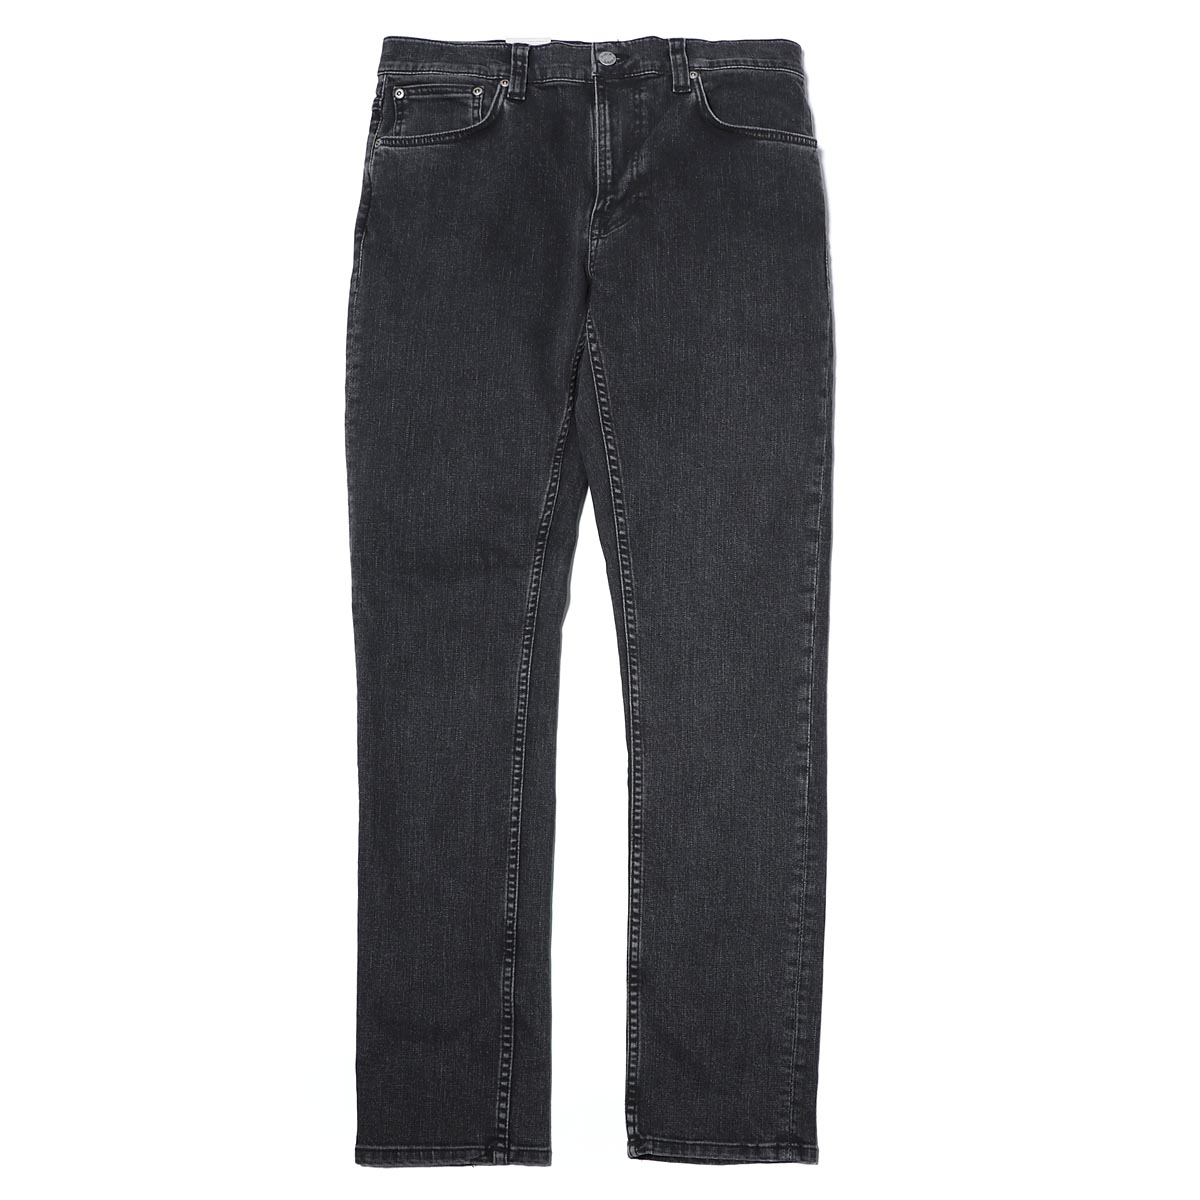 ヌーディージーンズ nudie jeans co ジップフライジーンズ ブラック メンズ ブラックジーンズ lean dean 113277 LEAN DEAN リーンディーン レングス32【あす楽対応_関東】【返品送料無料】【ラッピング無料】